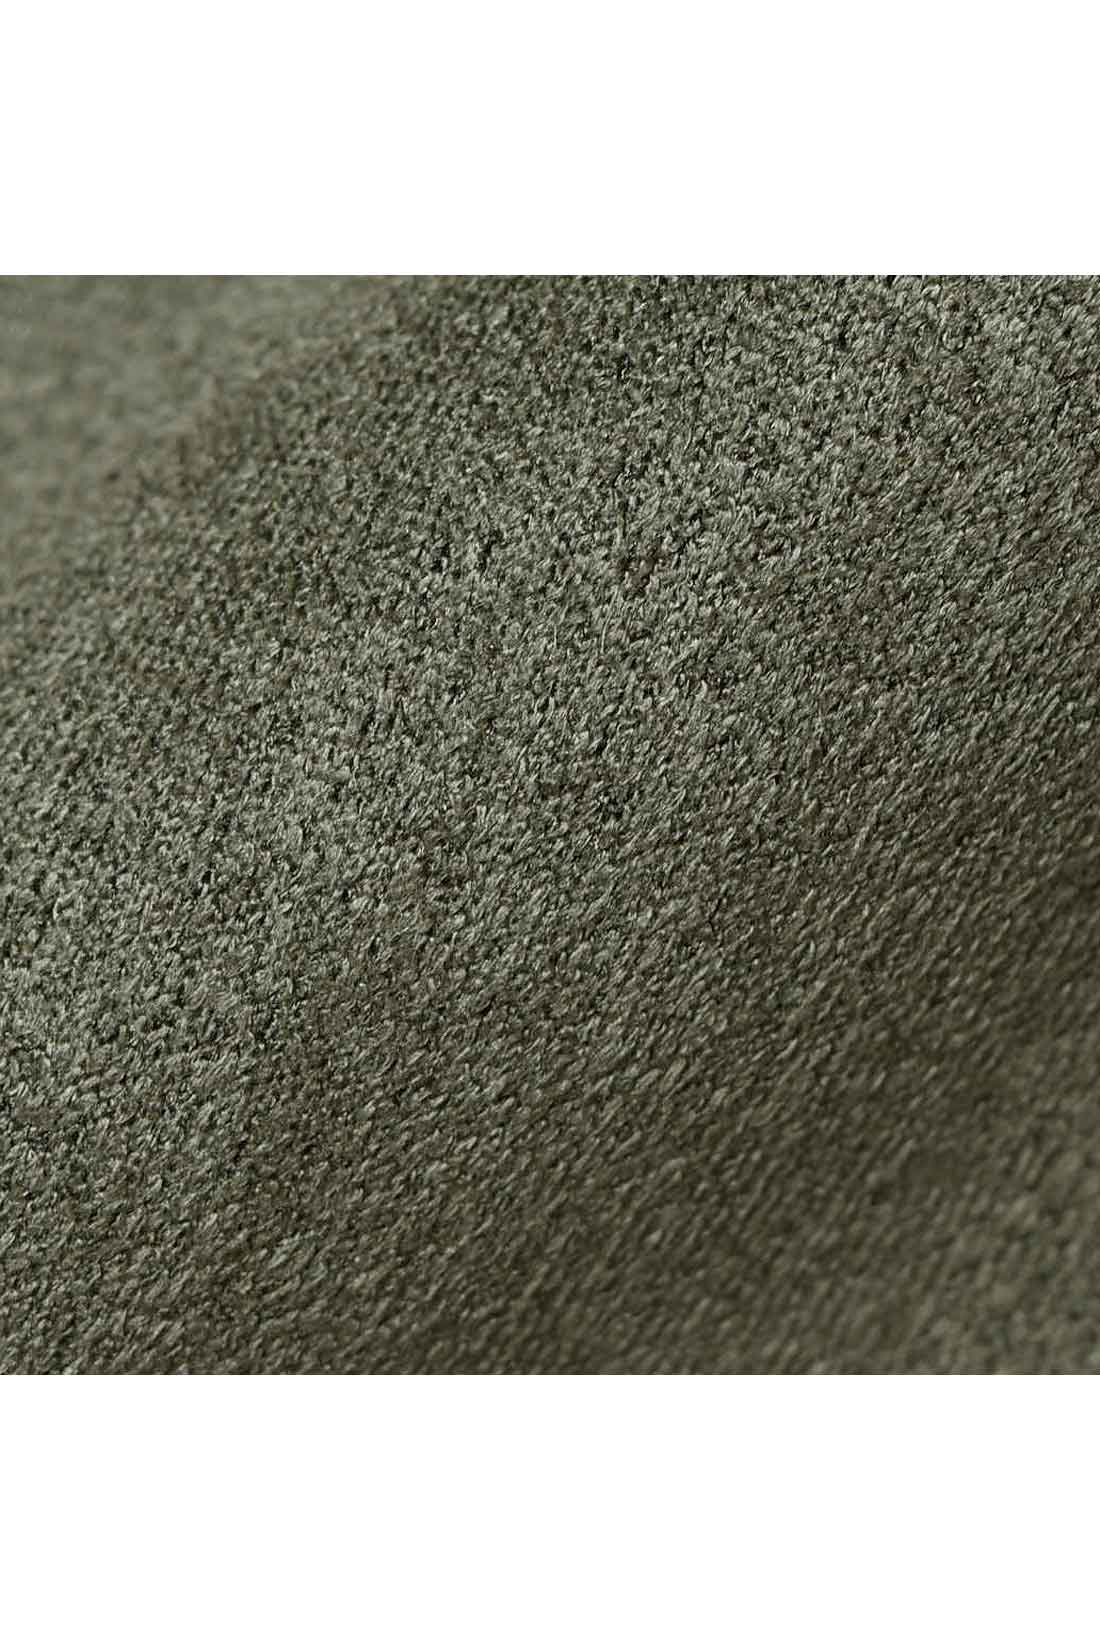 リッチな素材感のスエード調カットソー素材。